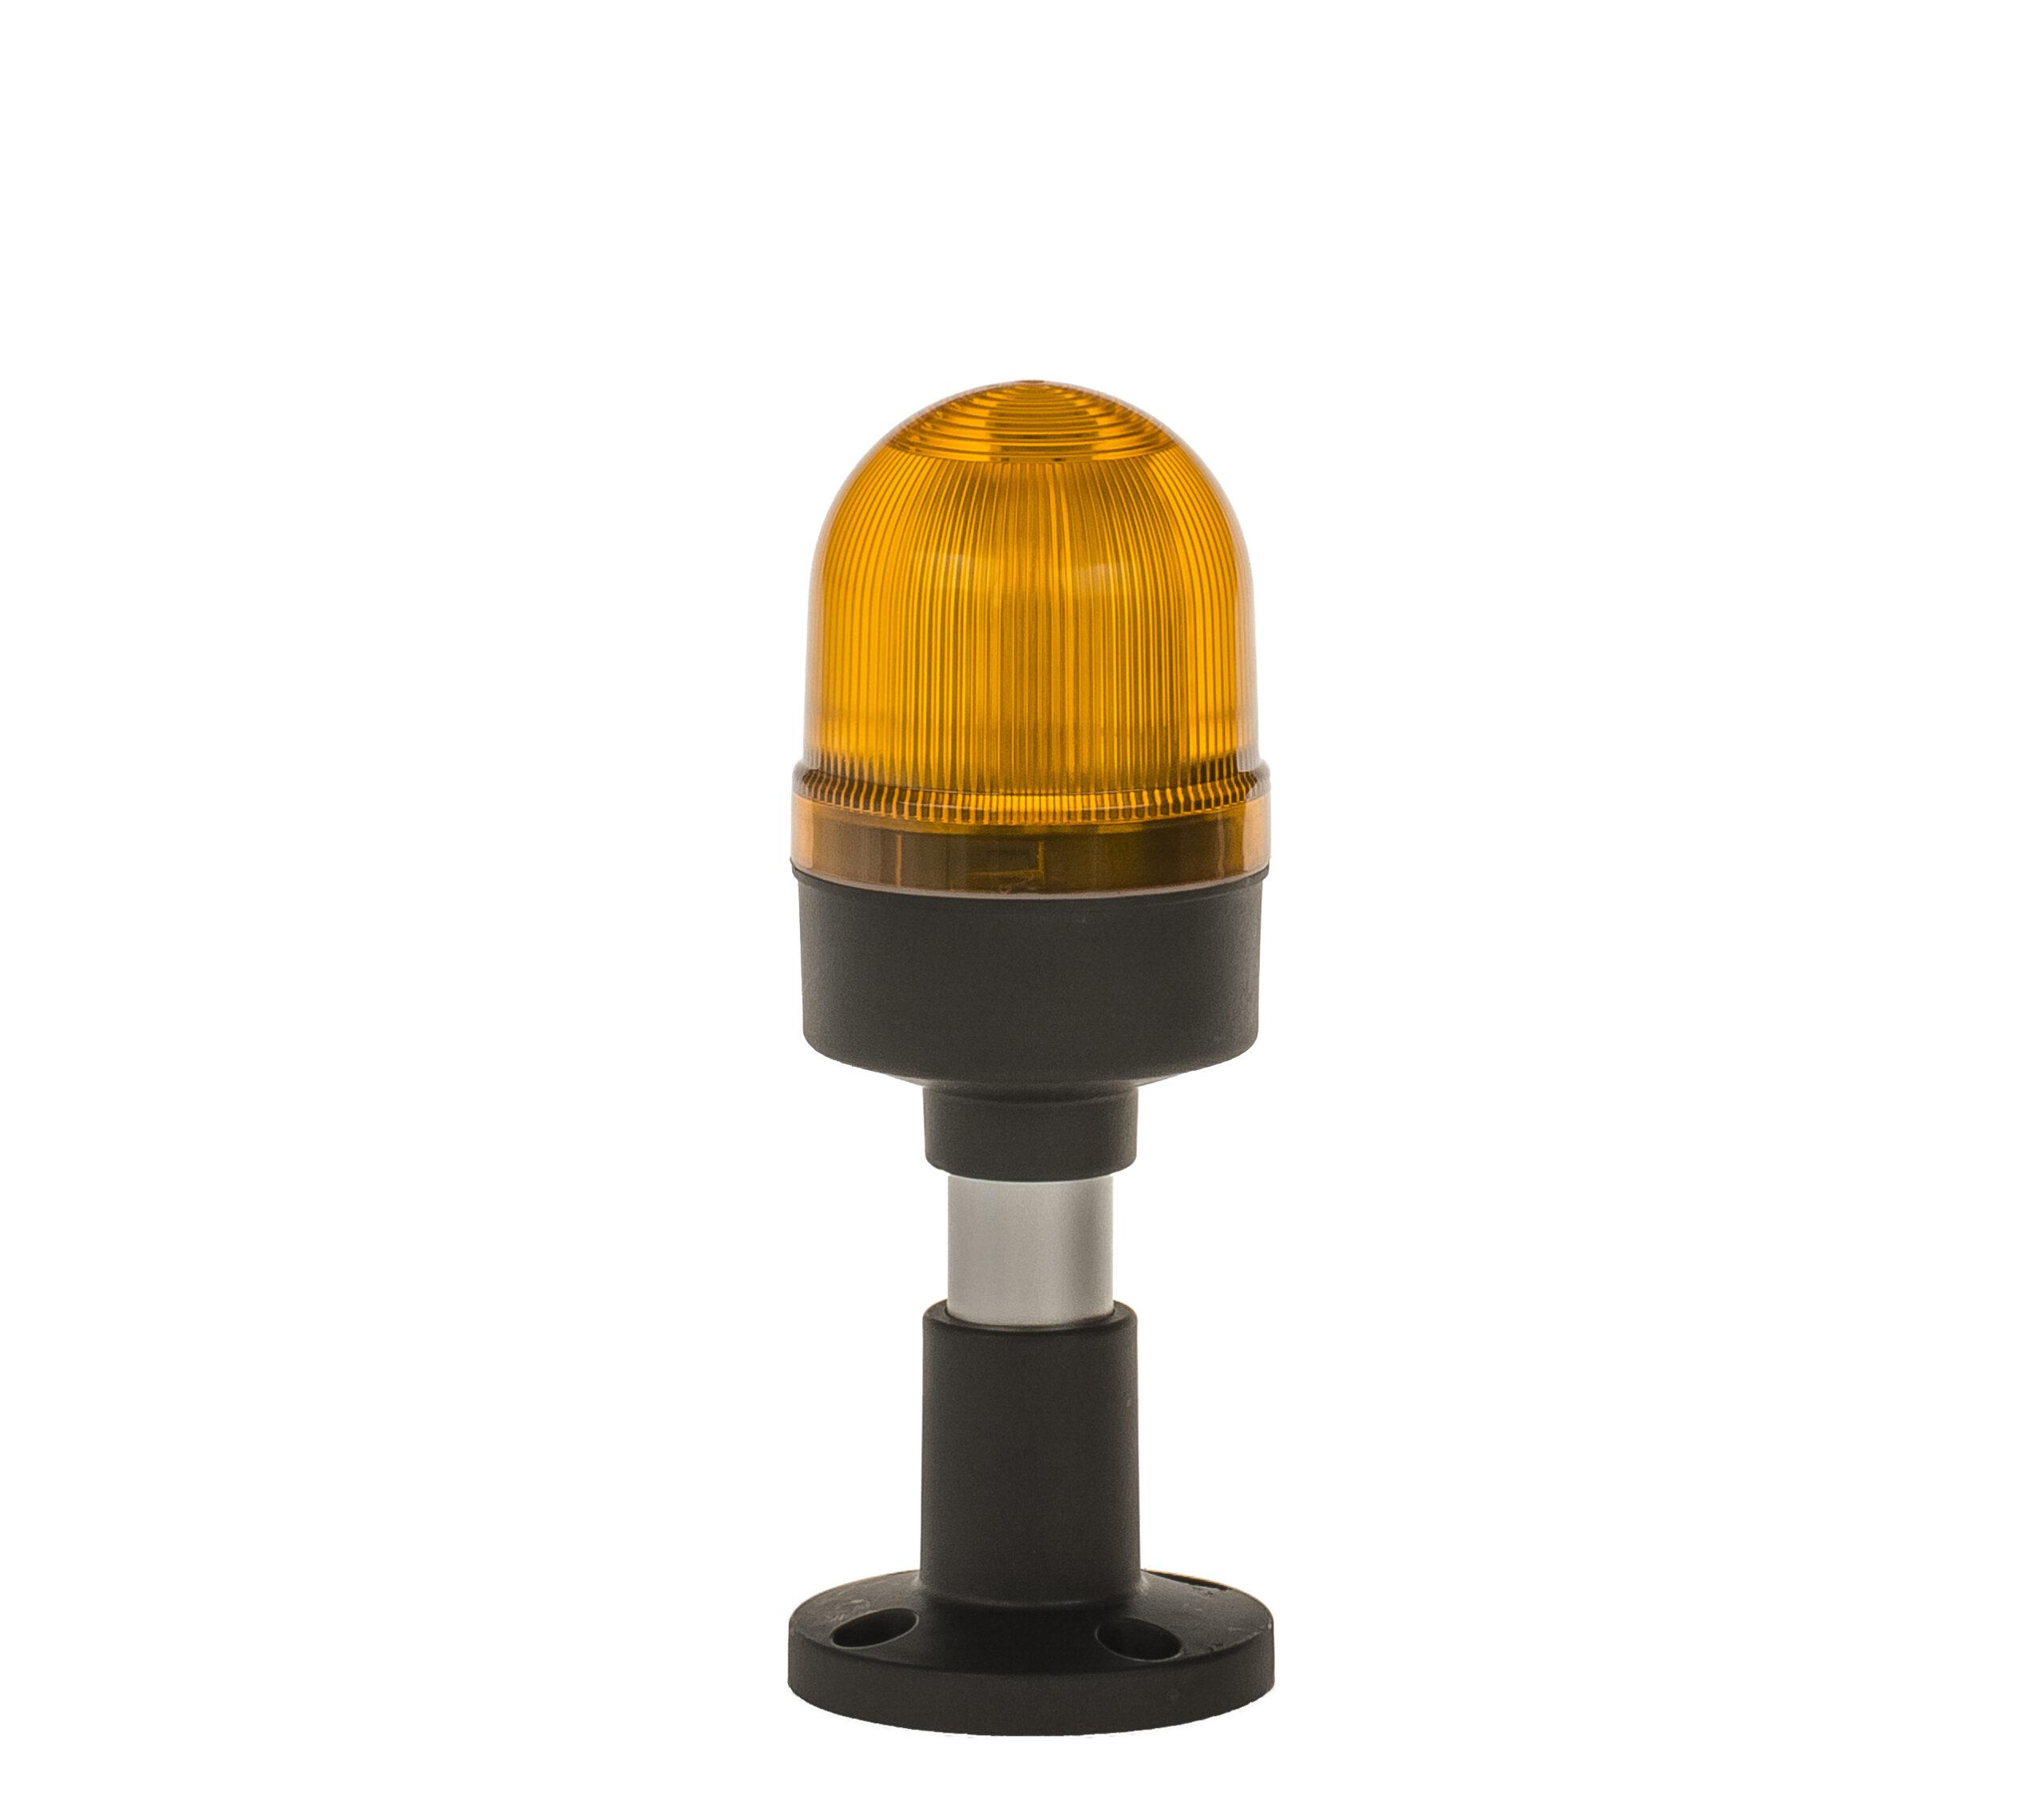 Sygnalizator optyczno-akustyczny LED FL701-YM-23P2